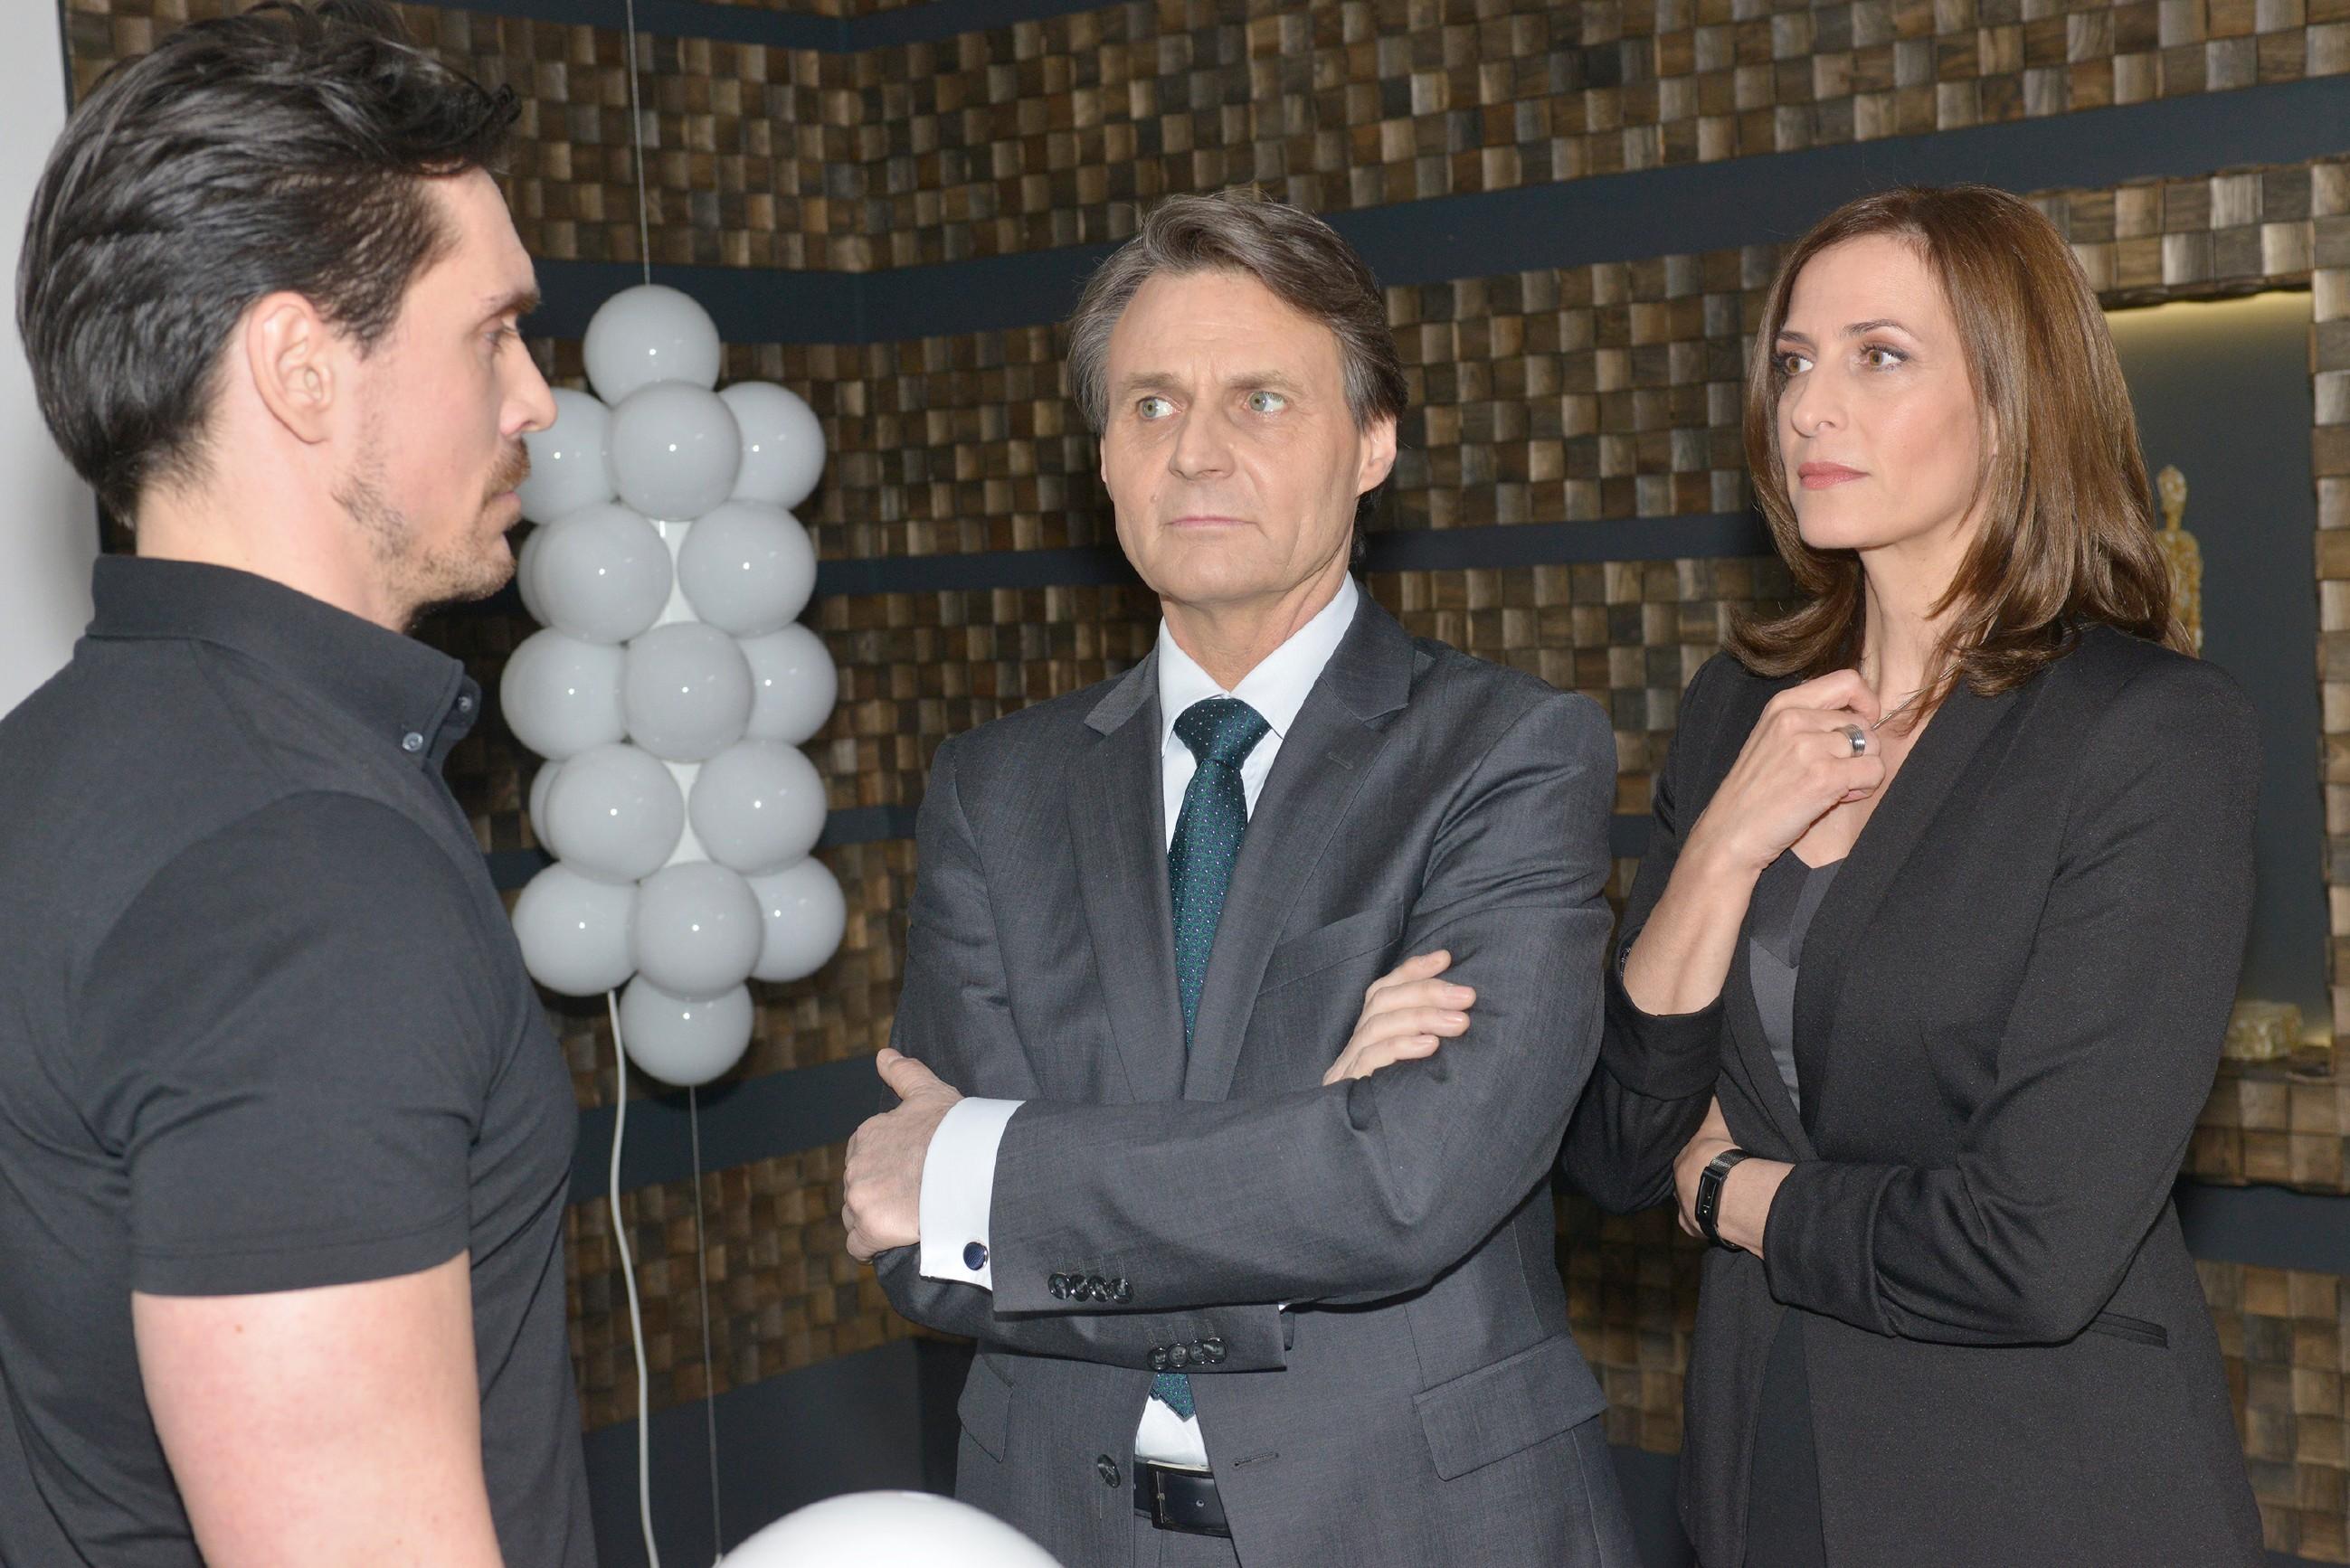 David (Philipp Christopher, l.) muss hinnehmen, dass Katrin (Ulrike Frank) und Gerner (Wolfgang Bahro) ihn mit seiner Drohung auflaufen lassen. (Quelle: RTL / Rolf Baumgartner)